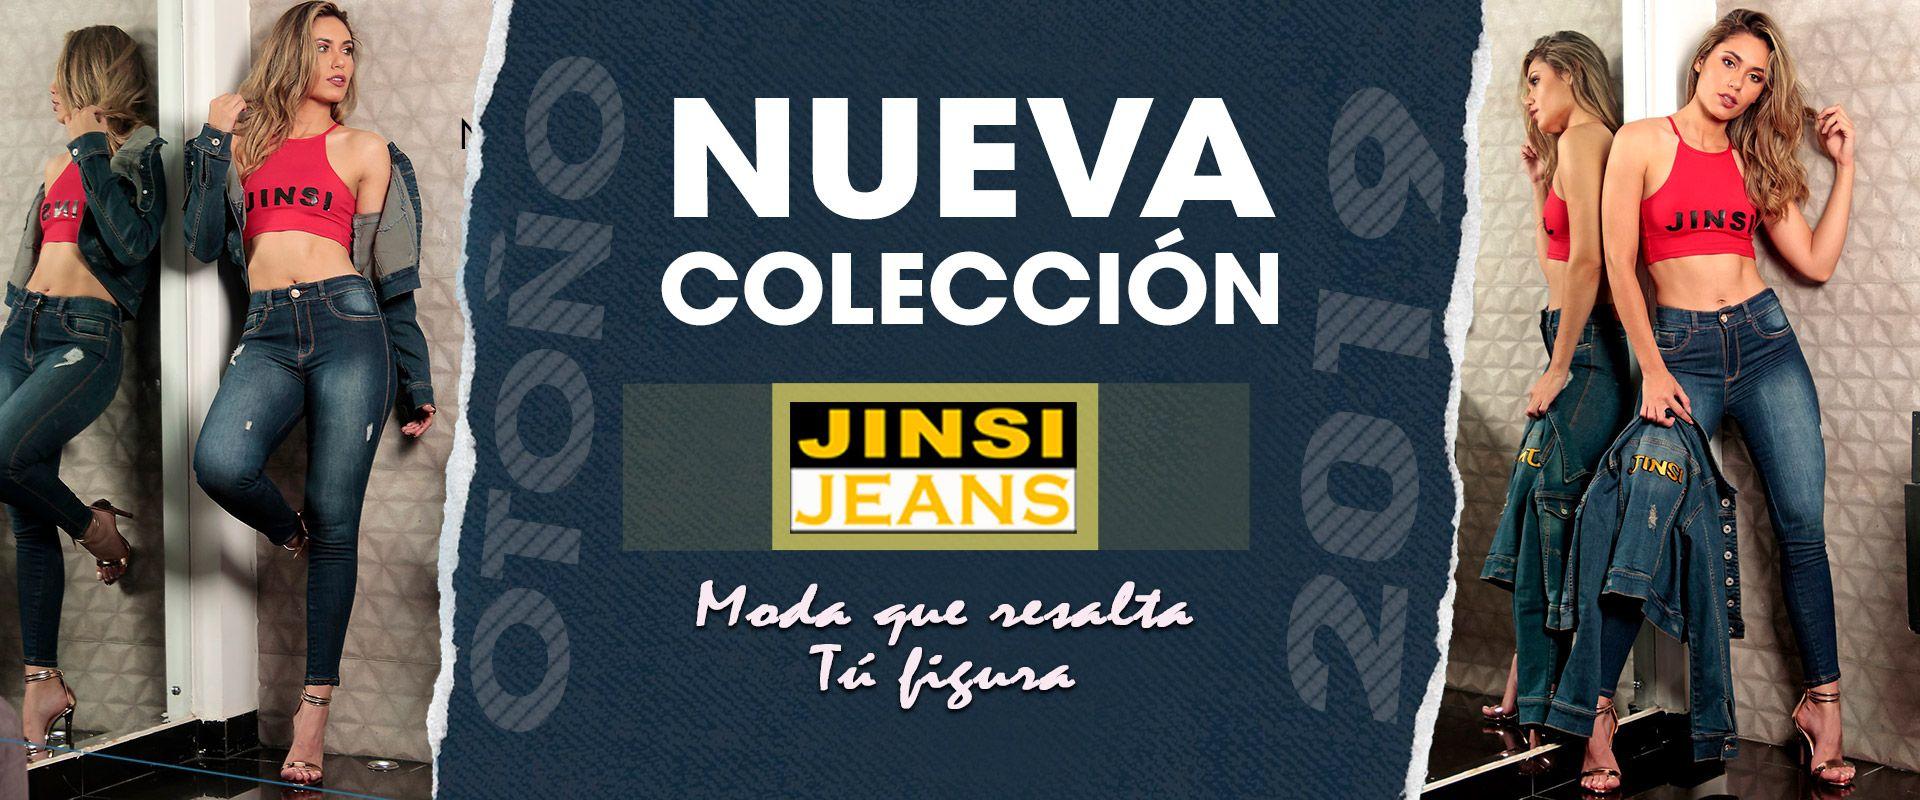 Jinsi Jeans - Fabricante de Jeans levantacola para Mujer - fabricante de jeans colombianos levantacola y tela strech que definen la figura de la mujer latinaJinsi Jeans - Fabricante de Jeans levantacola para Mujer - fabricante de jeans colombianos levantacola y tela strech que definen la figura de la mujer latina